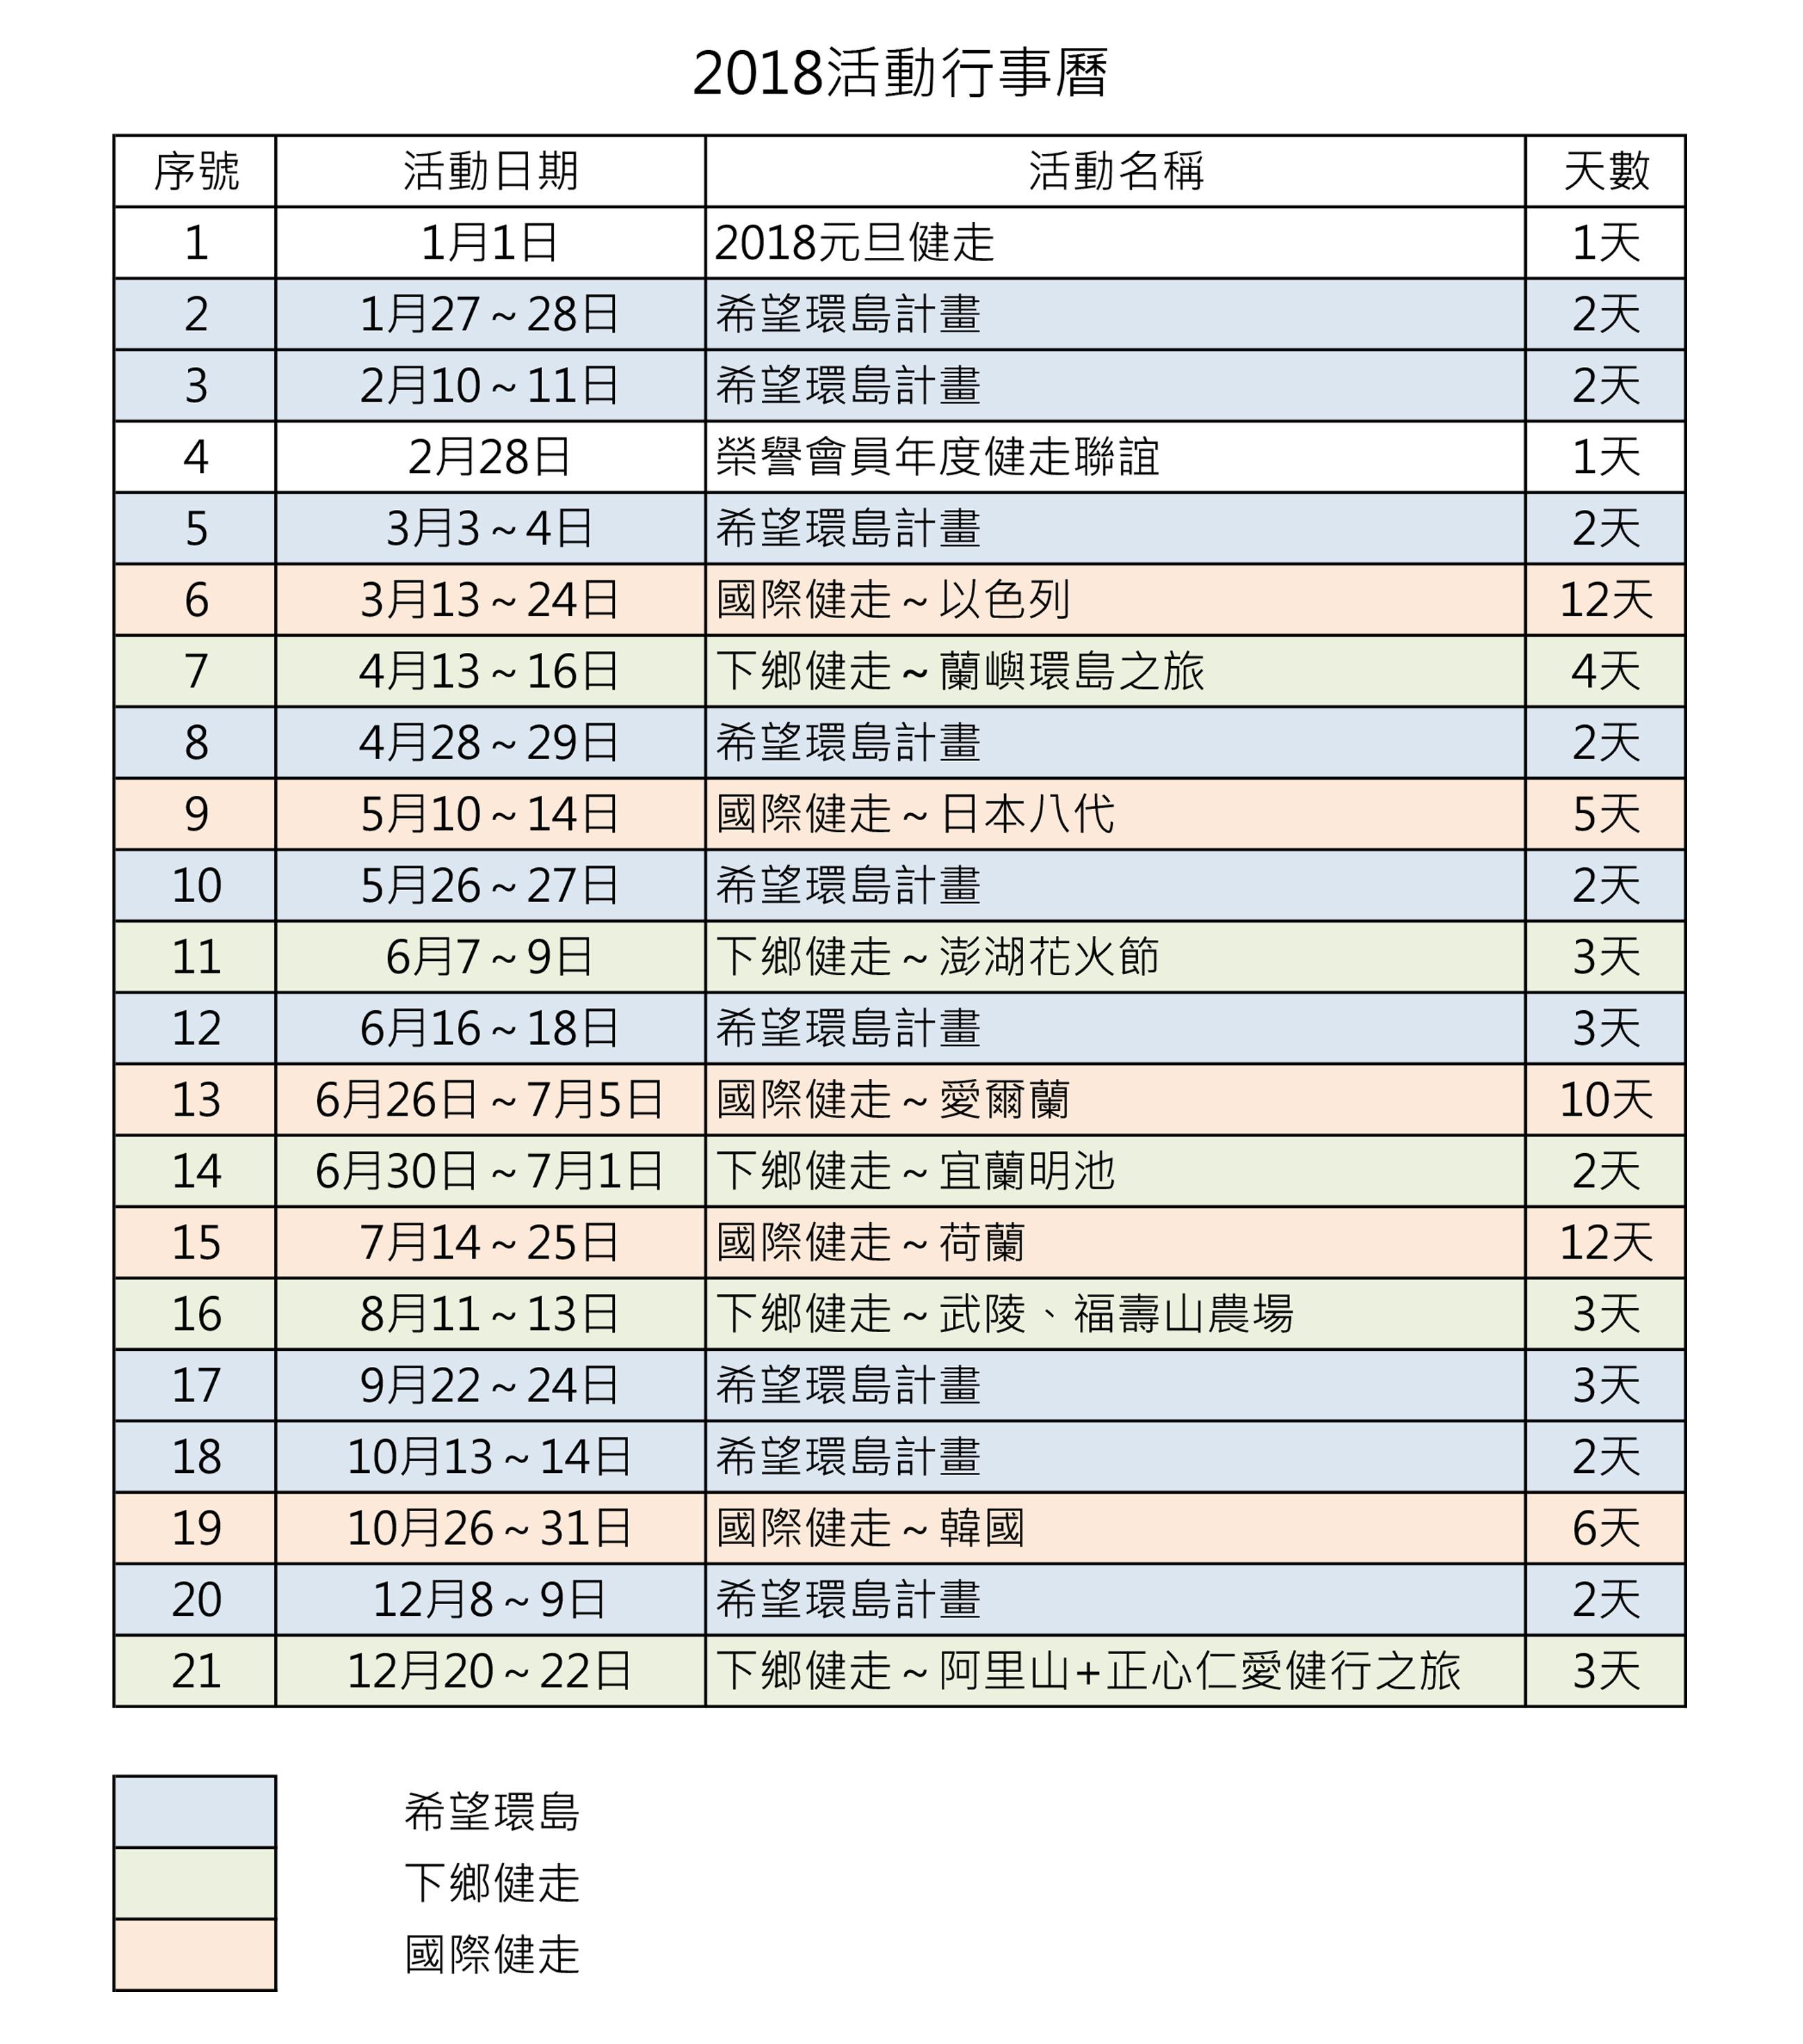 2018活動行事曆0110